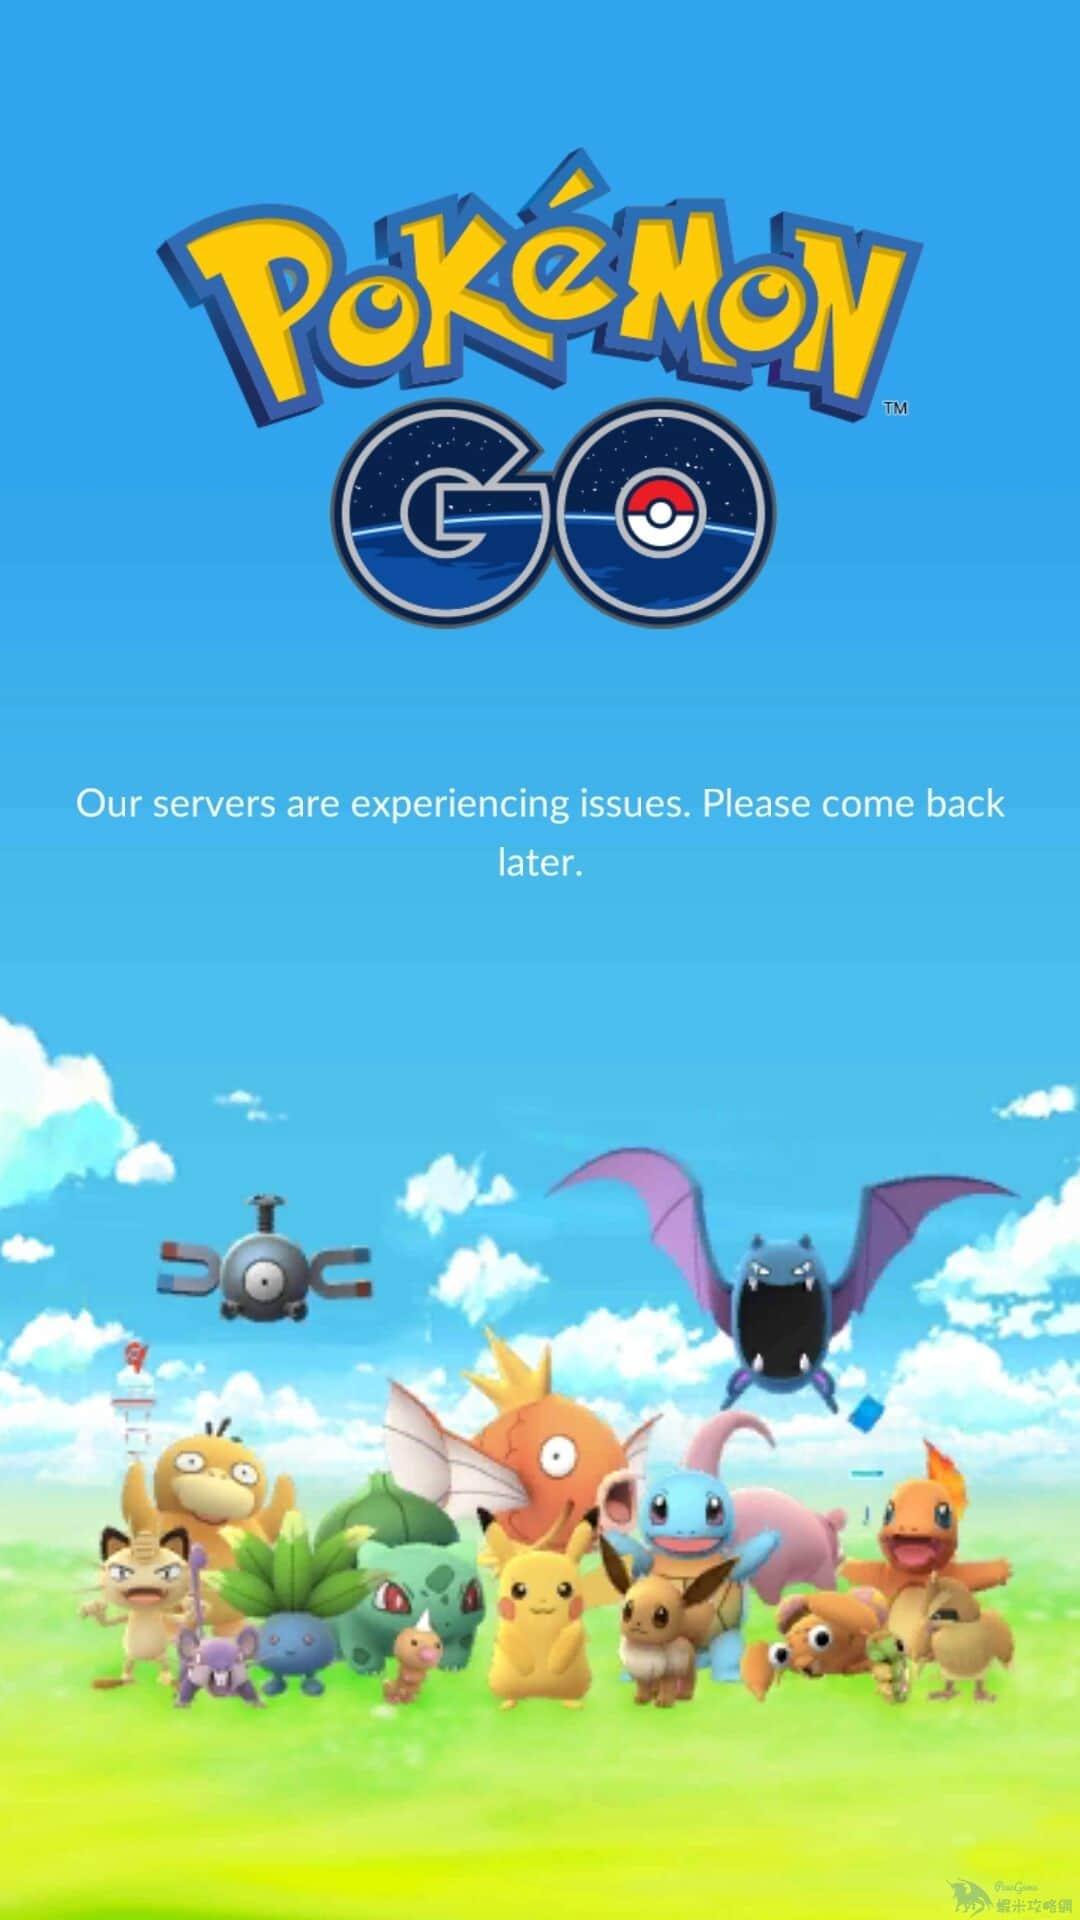 【攻略】Pokemon GO 卡登陸界面 登陸不上去怎麼辦